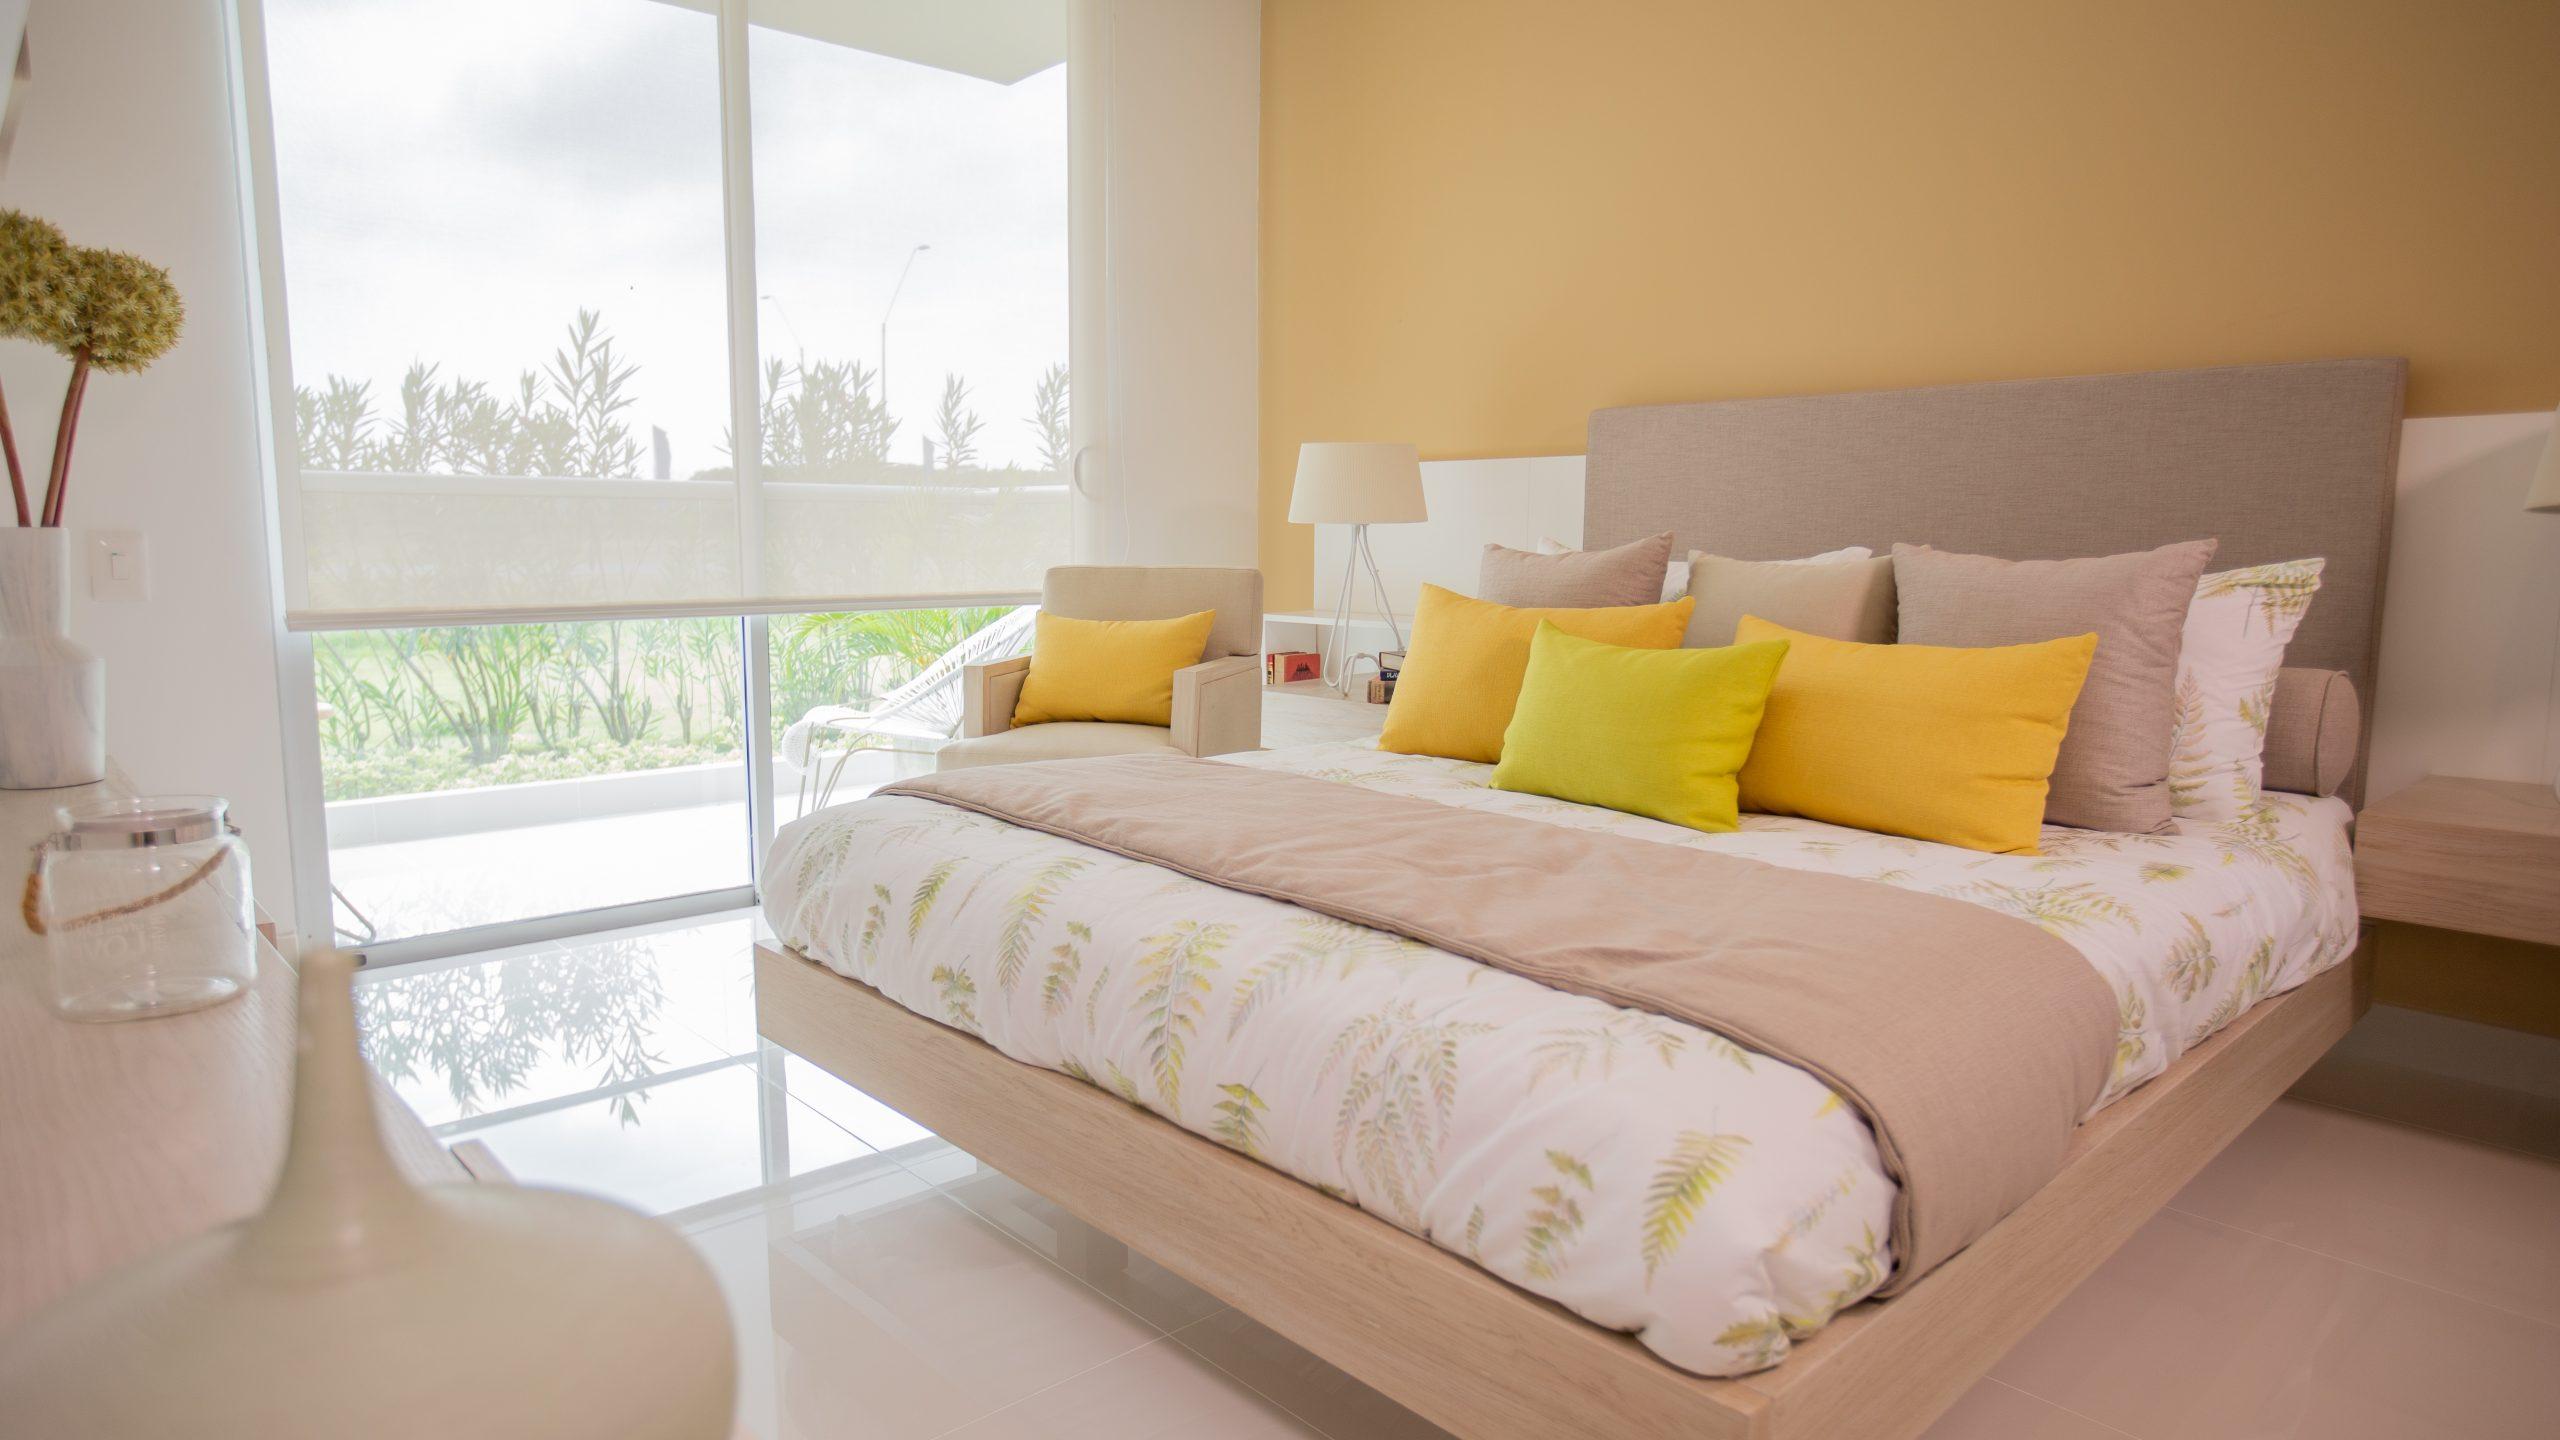 Proyectos de vivienda en Cartagena - Serena del Mar